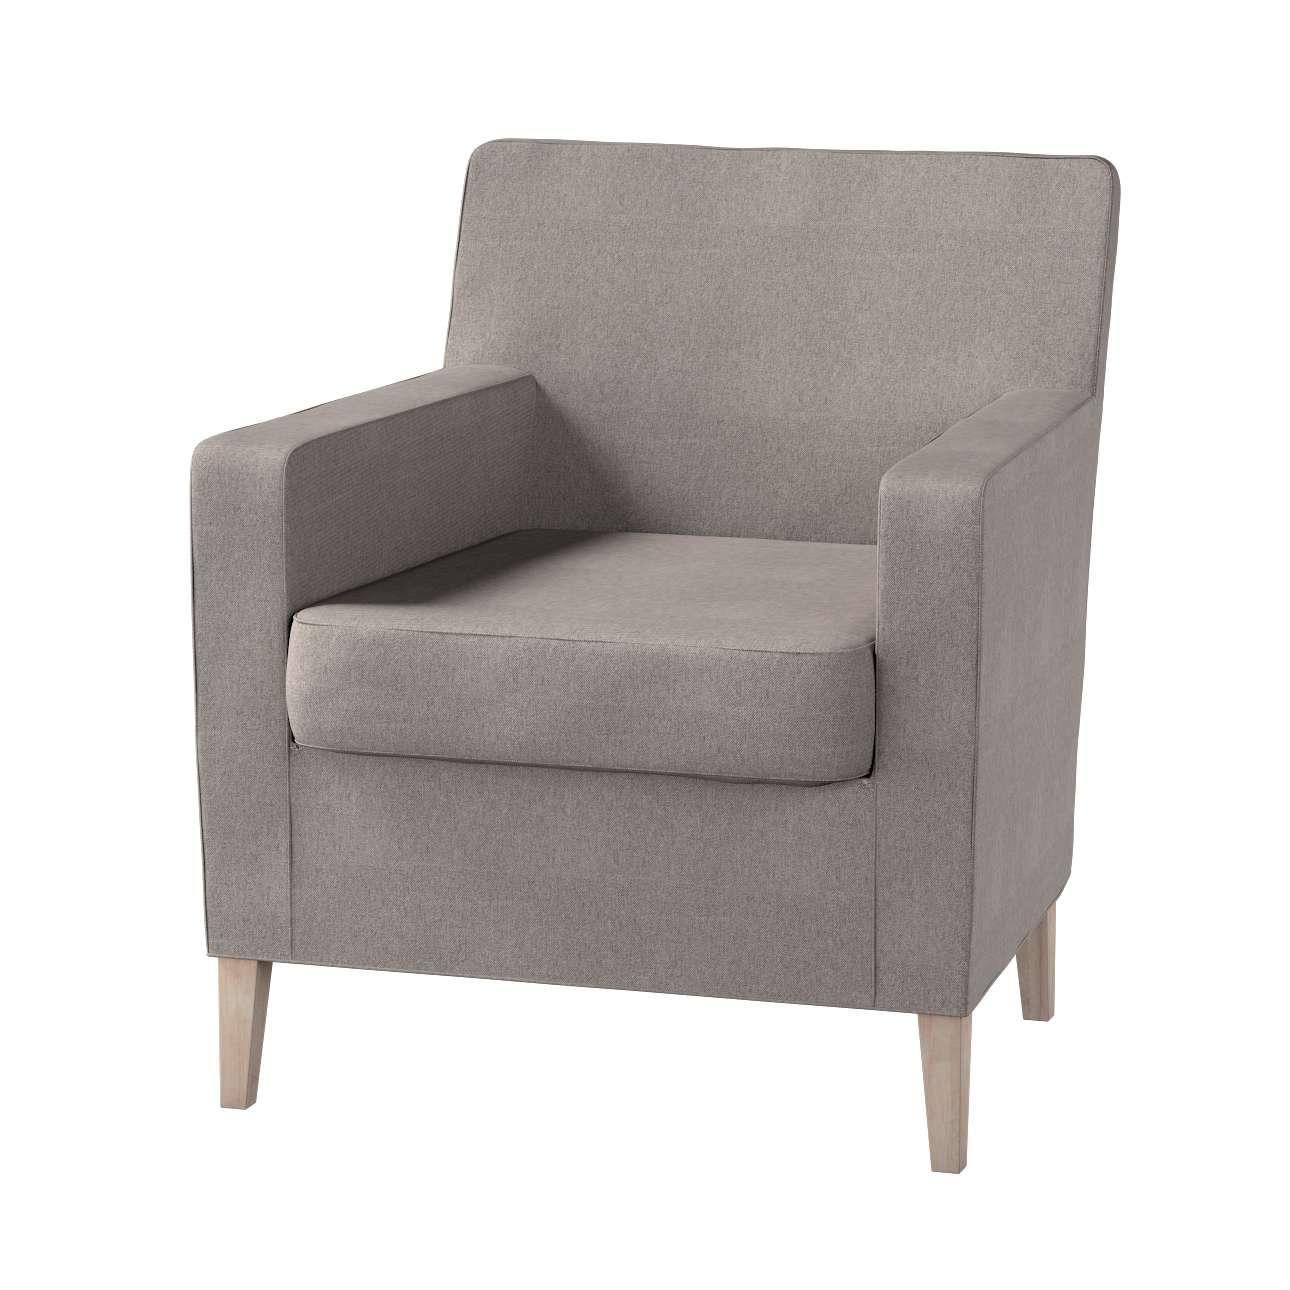 Karlstad fotelio-kėdės užvalkalas kolekcijoje Etna , audinys: 705-09